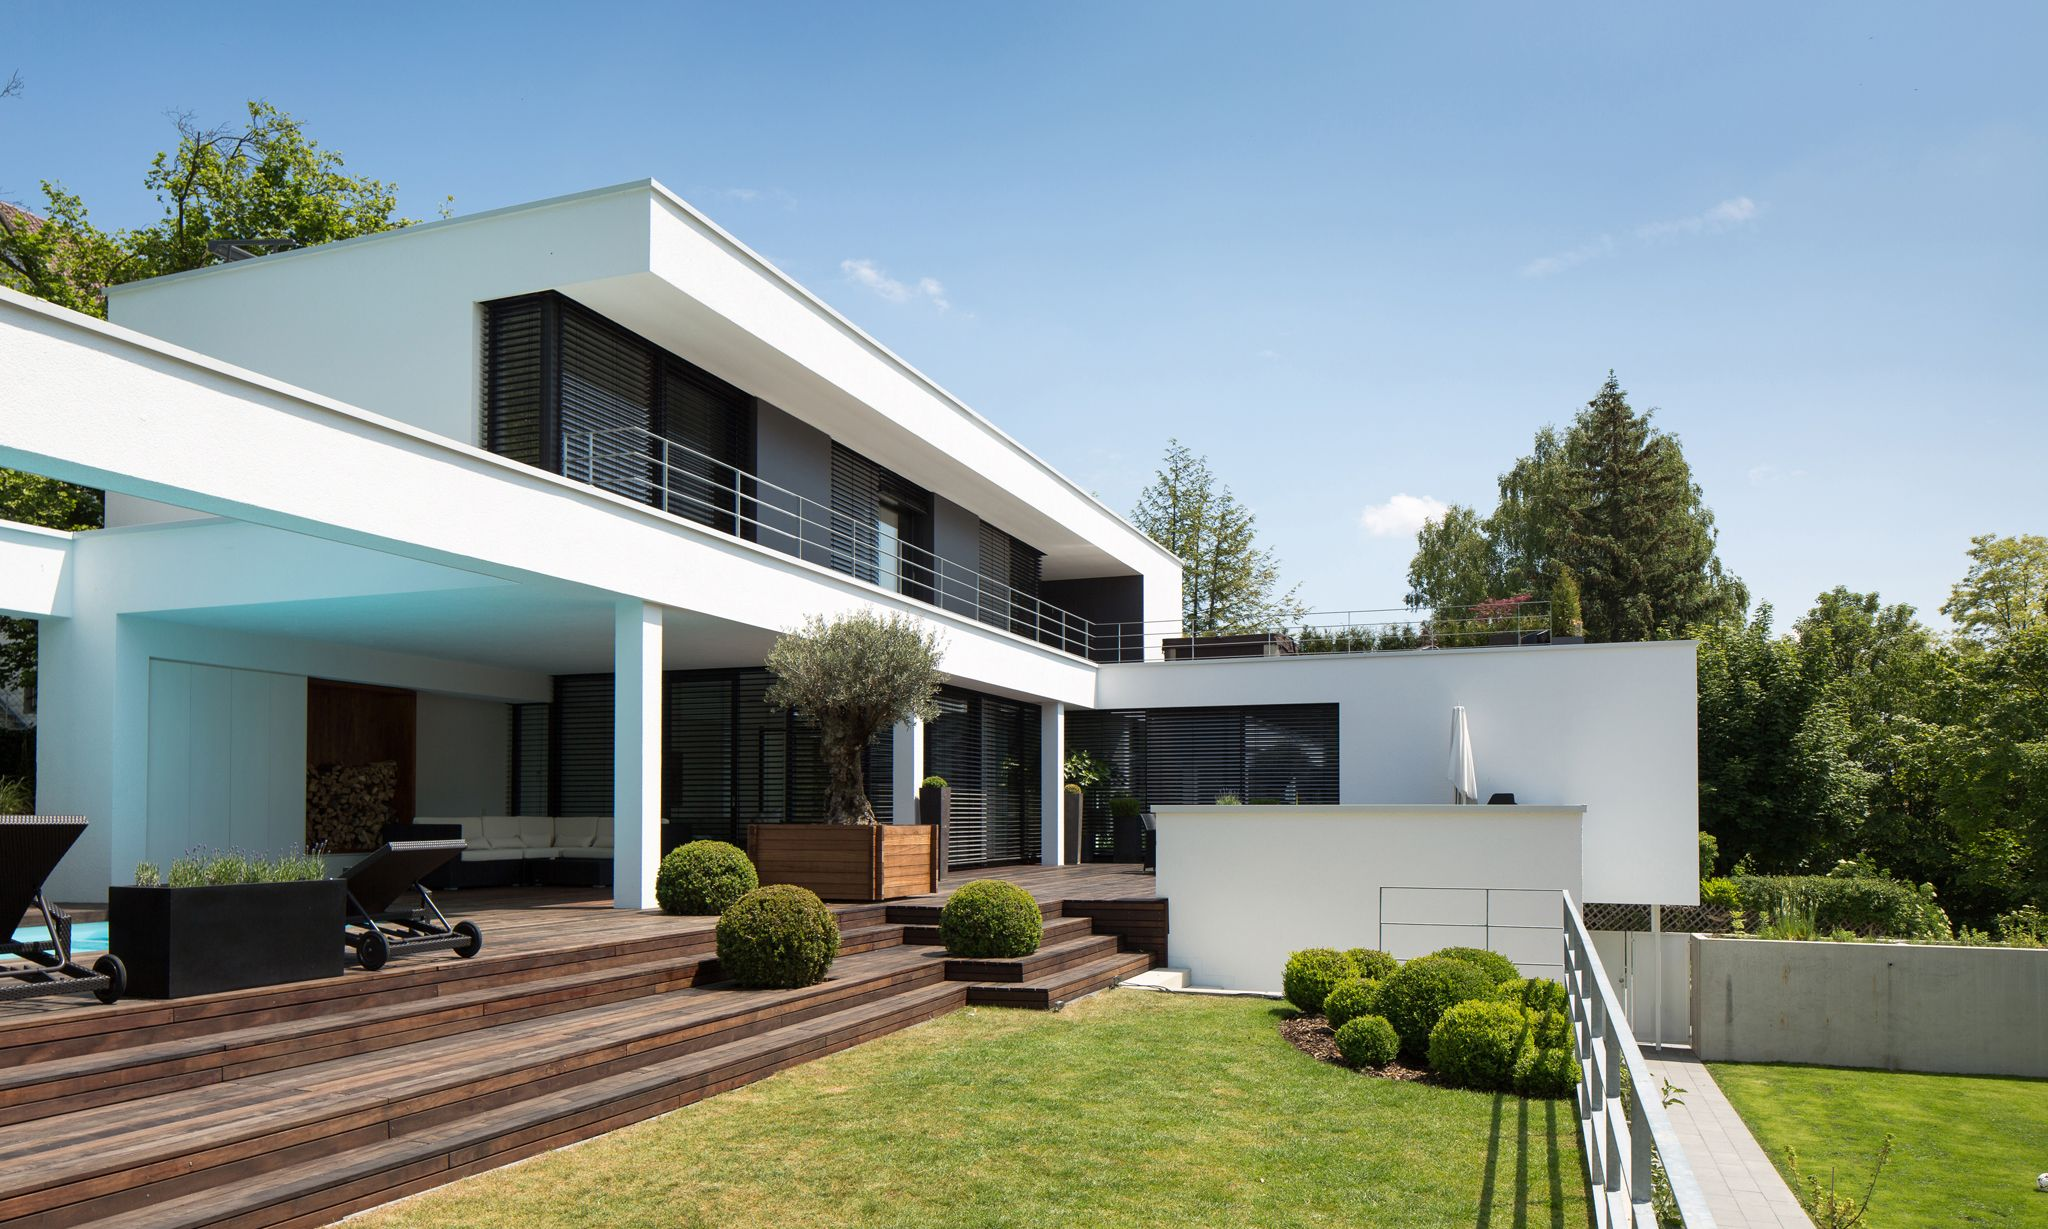 Villa scheller lange philipp architekten traum - Philipp architekten ...